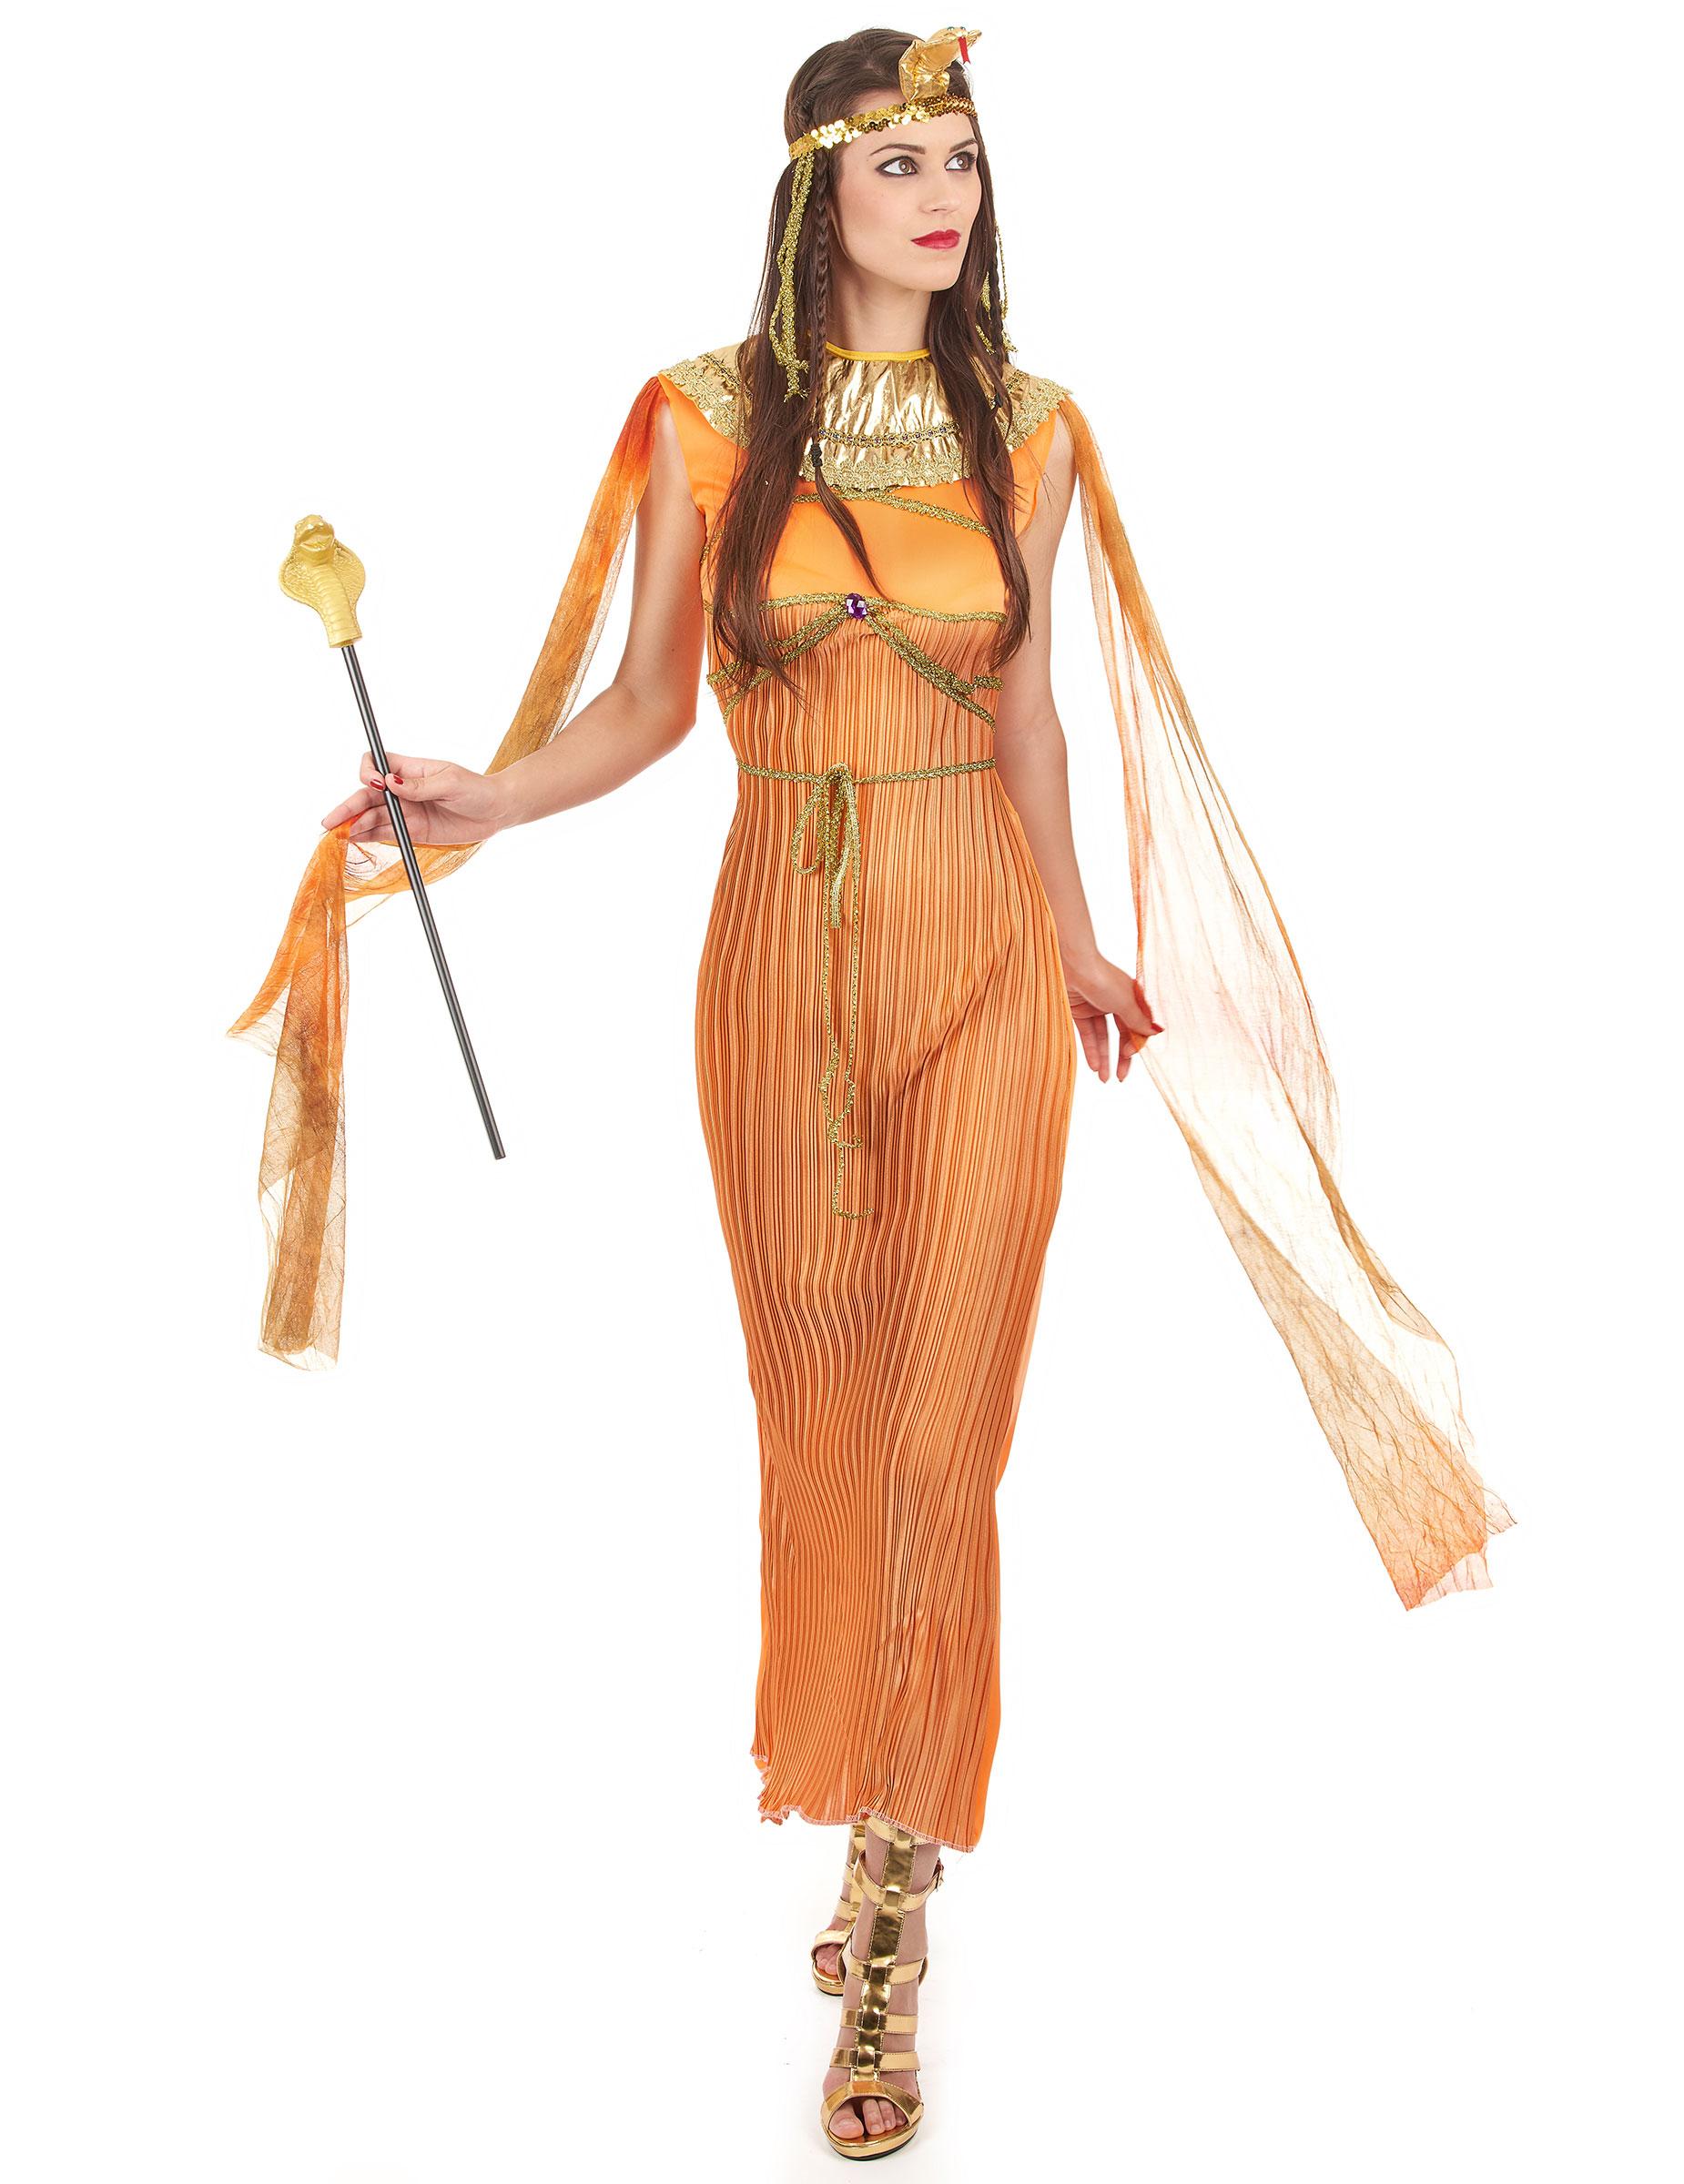 Agyptische Prinzessin Kostum Fur Damen Kostume Fur Erwachsene Und